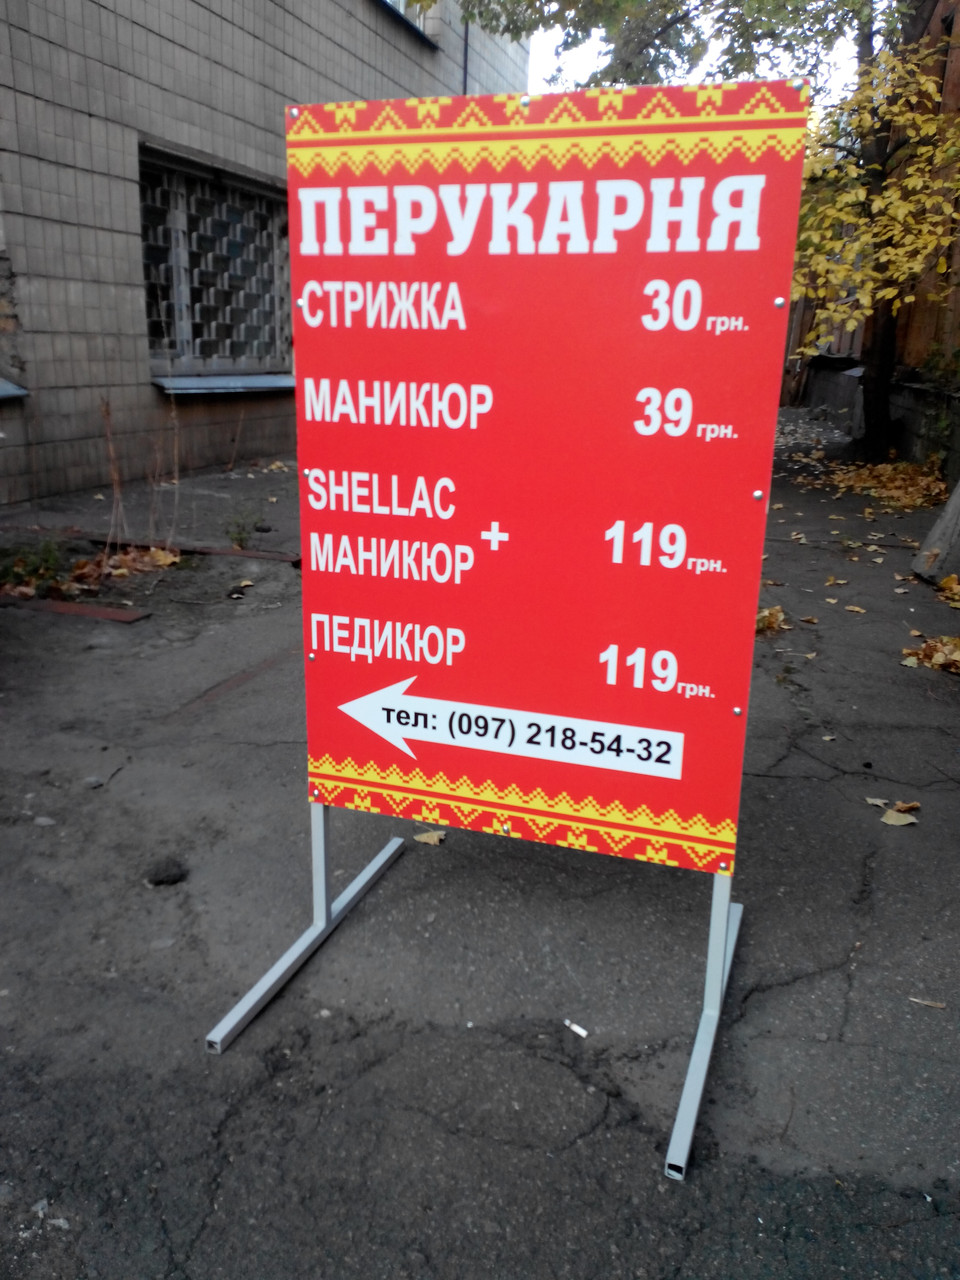 Штендер для салонов красоты! - РА Эврика в Киеве